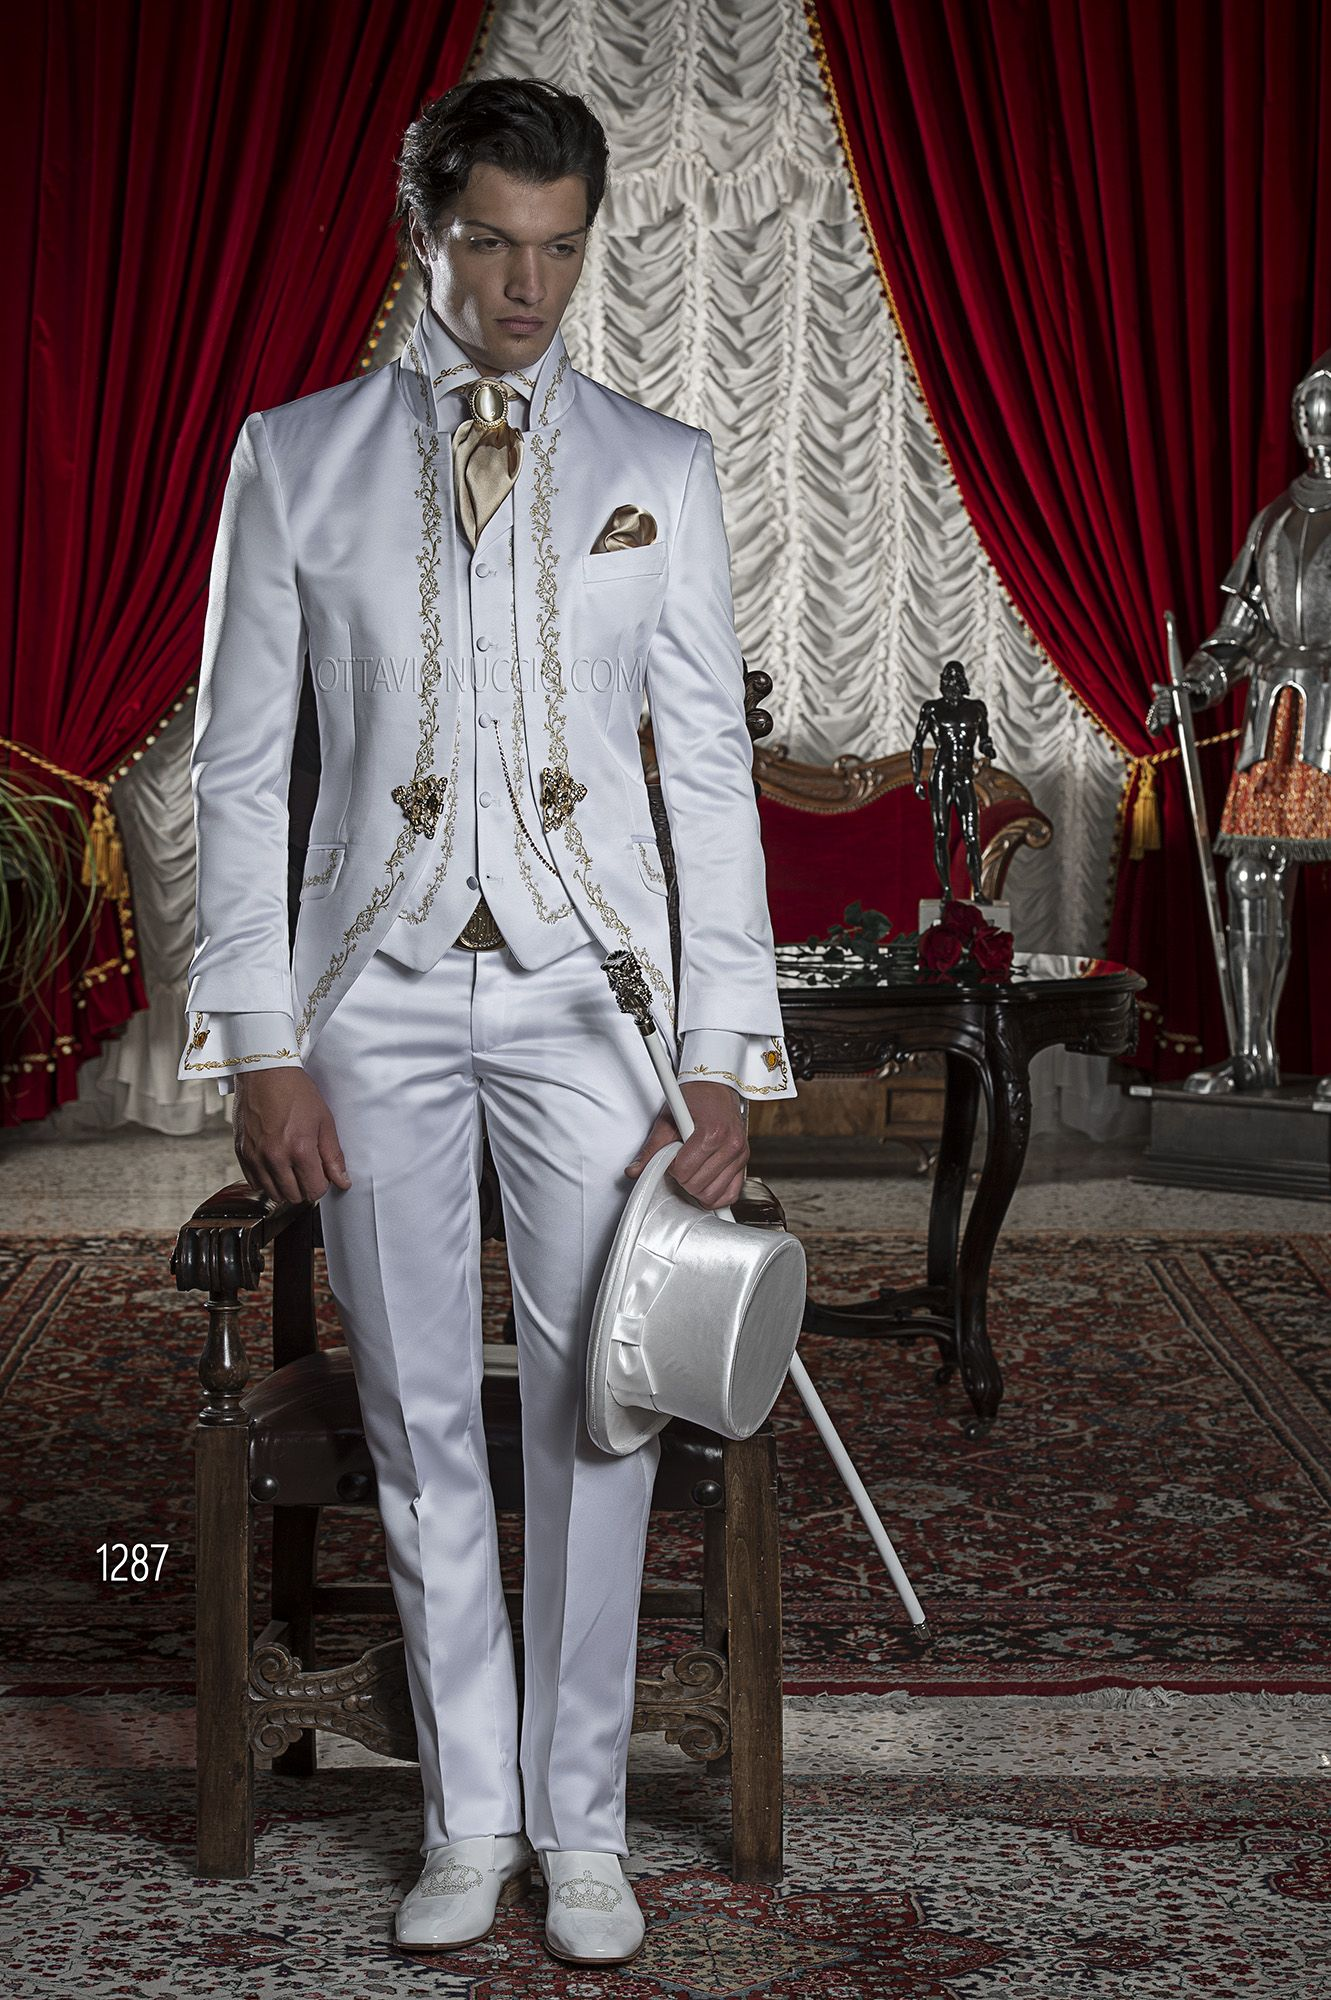 Vestito Matrimonio Uomo Vintage : Abito da cerimonia uomo in raso bianco ricamato oro